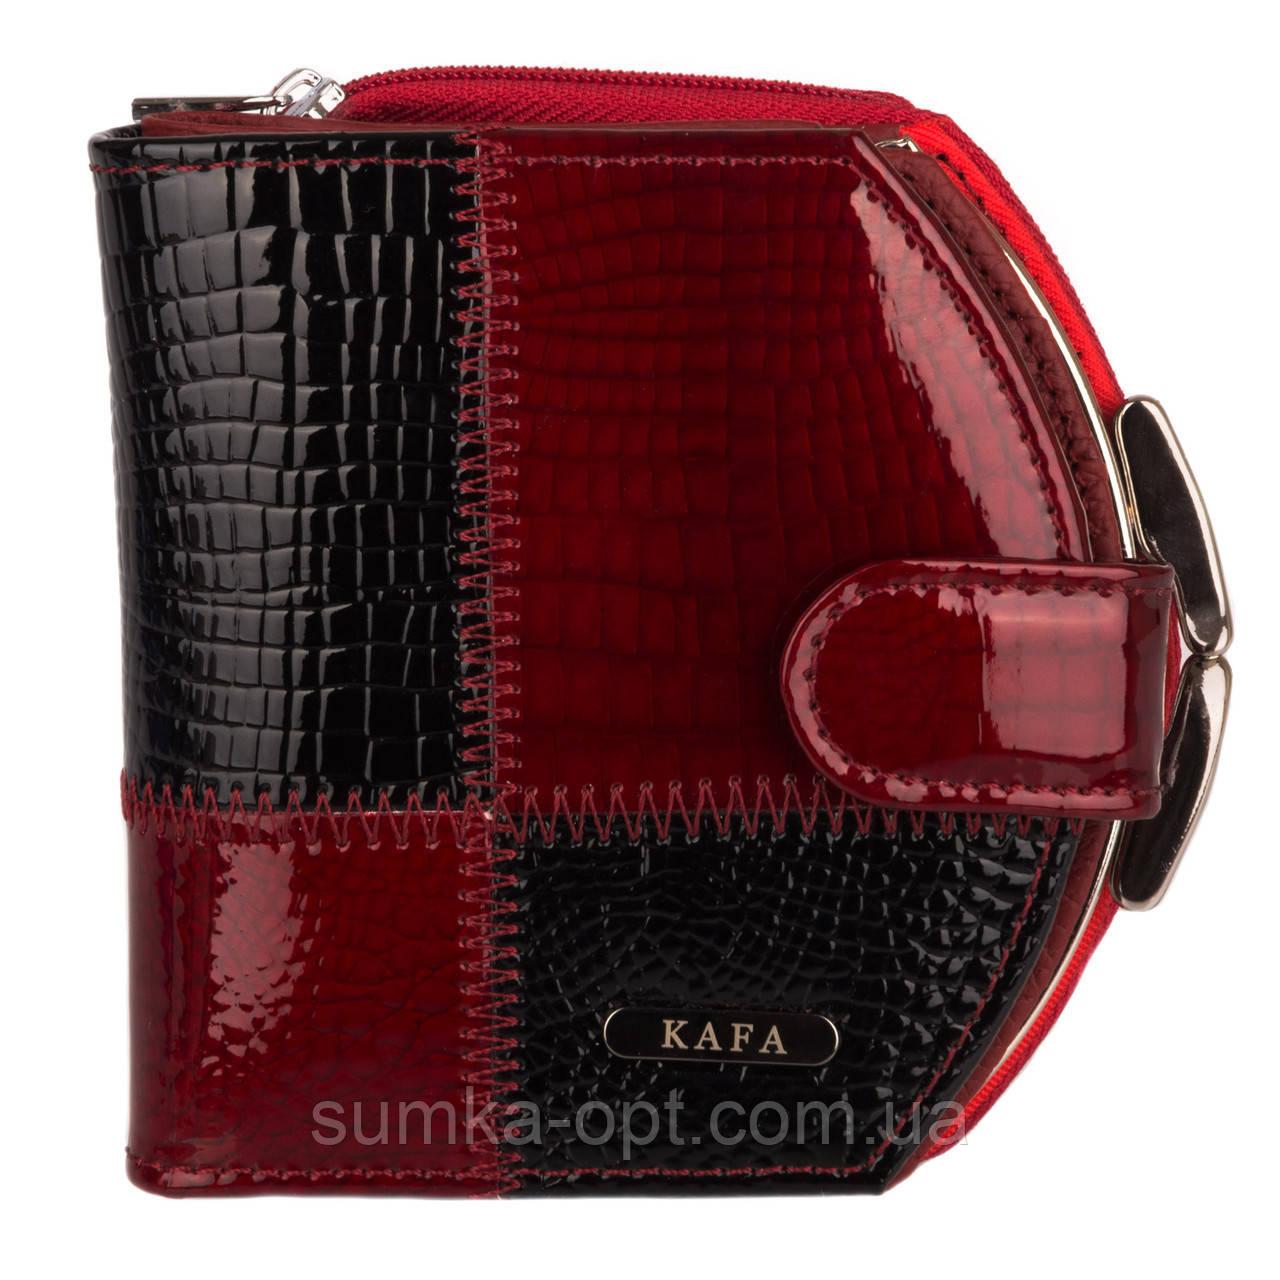 06127929dfe4 Женские кошельки из натуральной кожи Kafa с RFID защитой (красный)13 ...